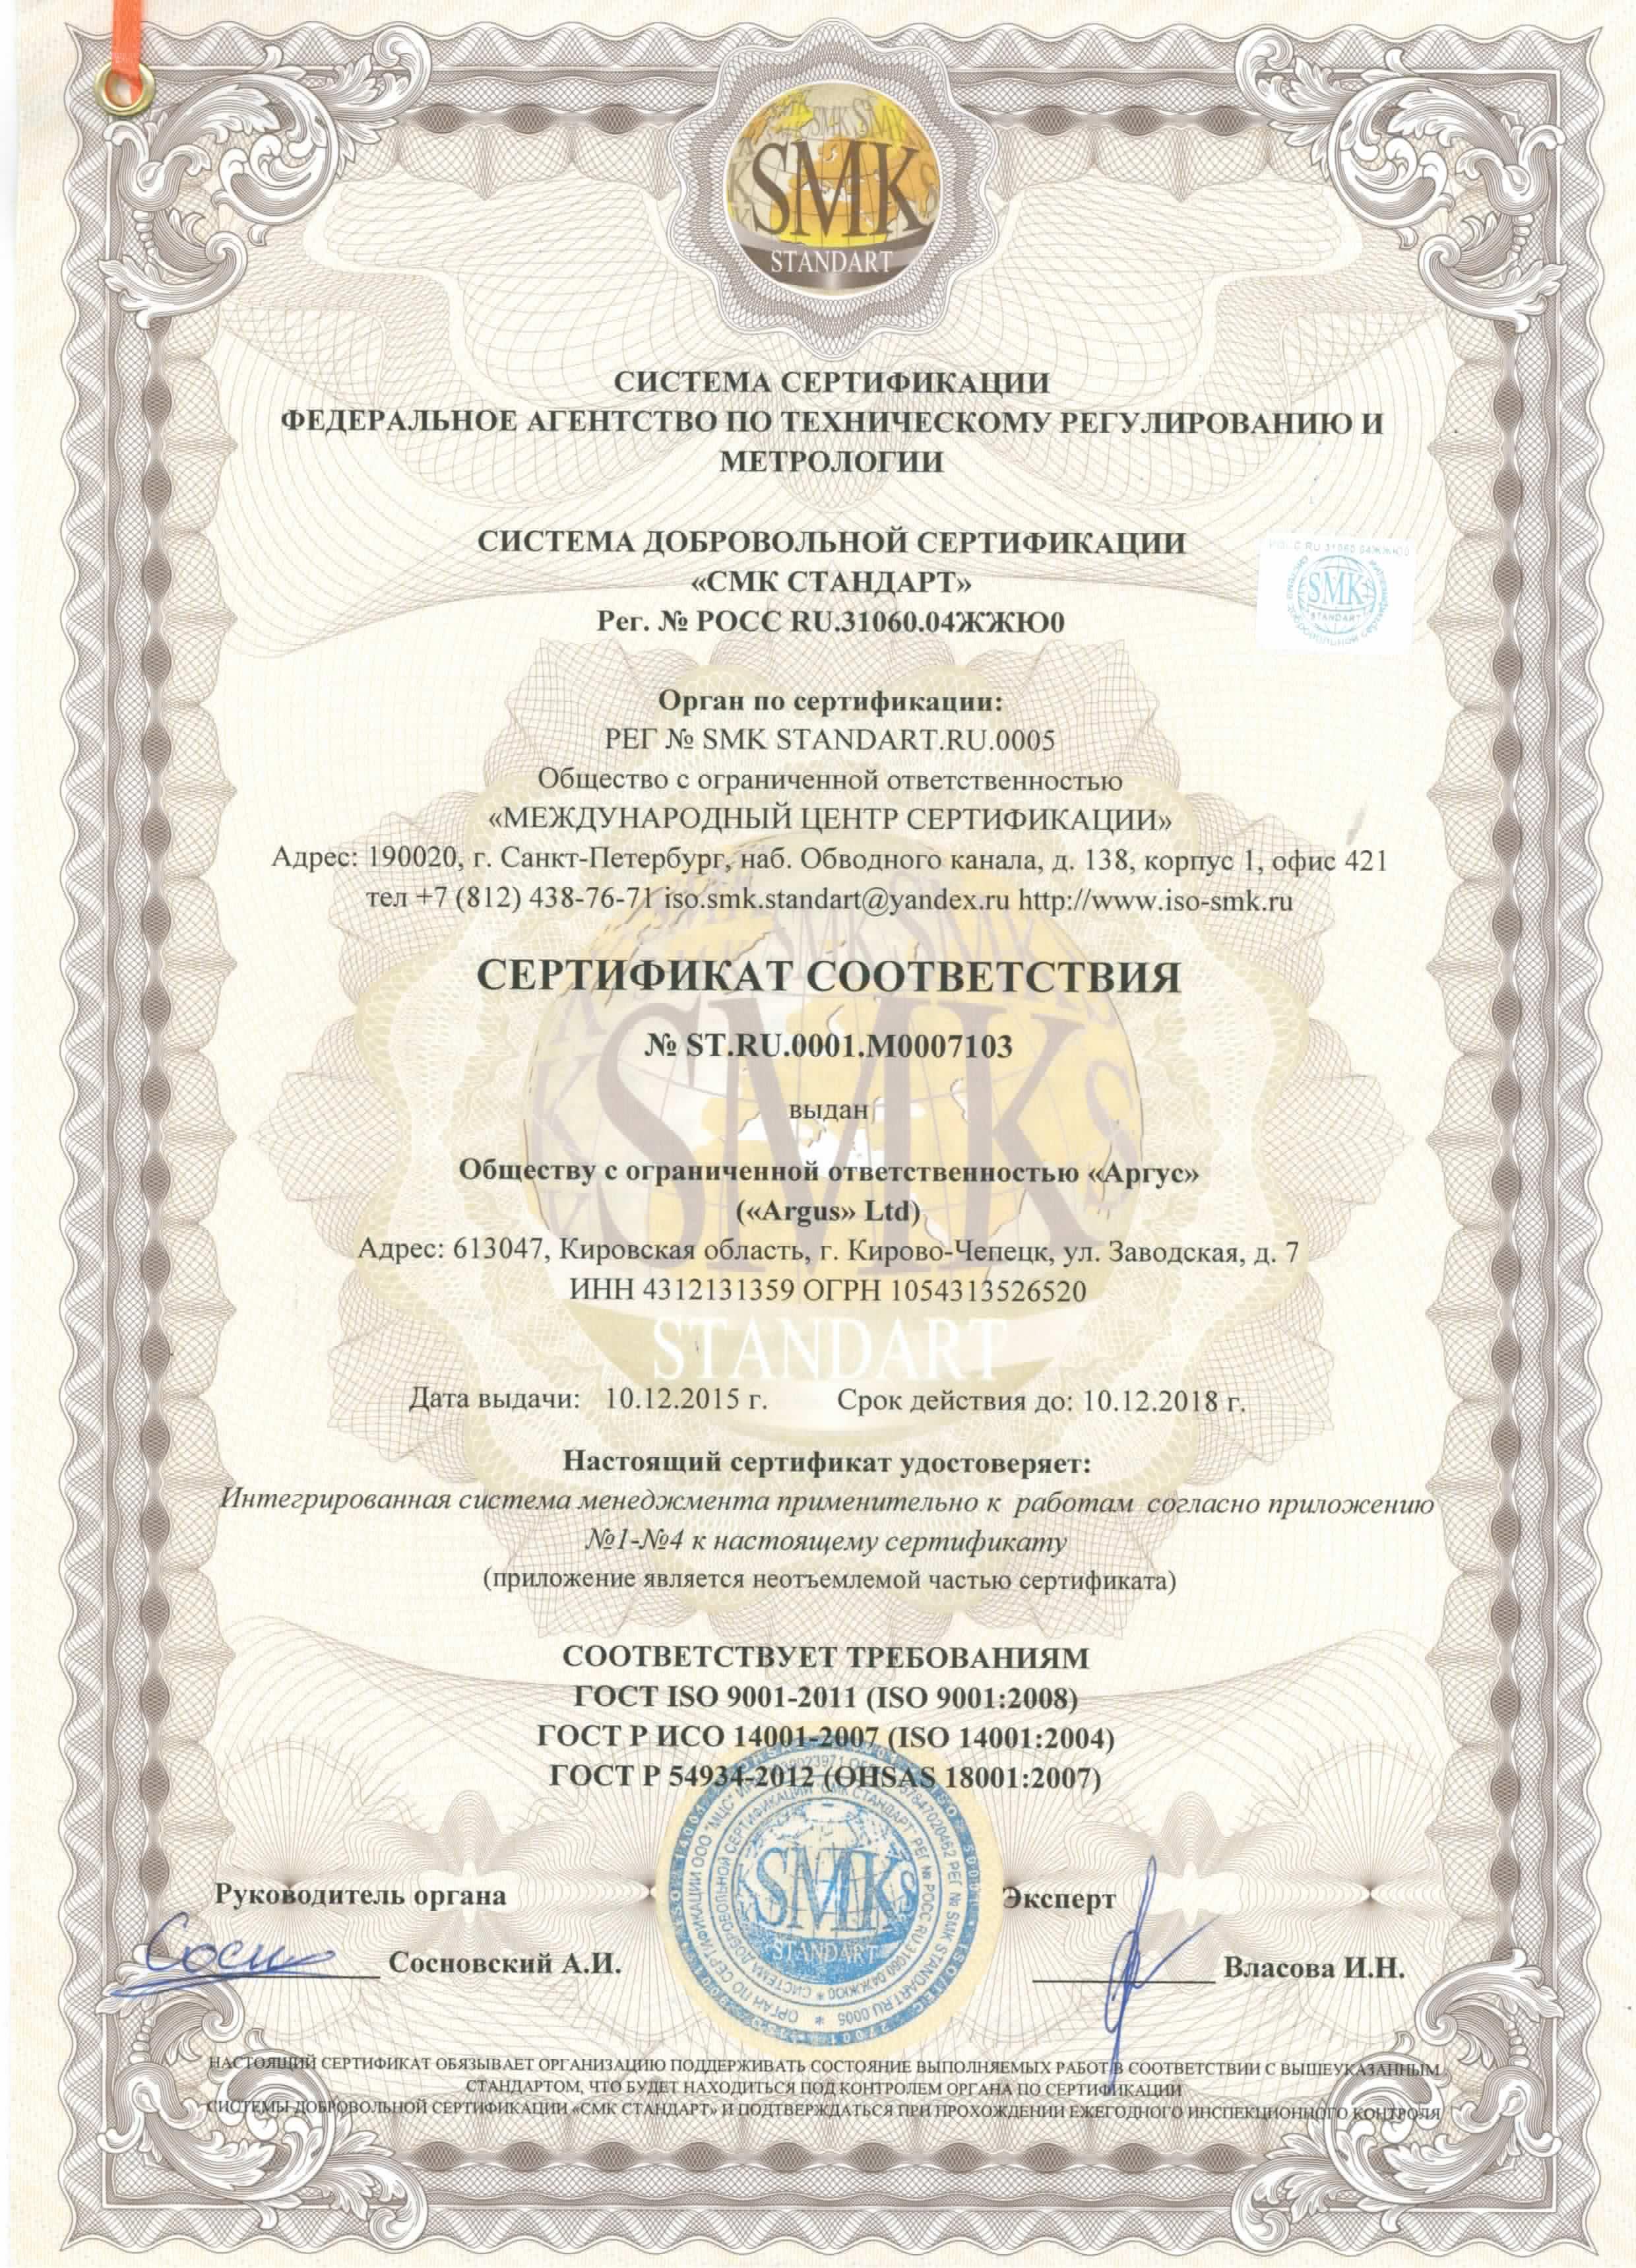 ИСО 14001 2007 в Кирово-Чепецке